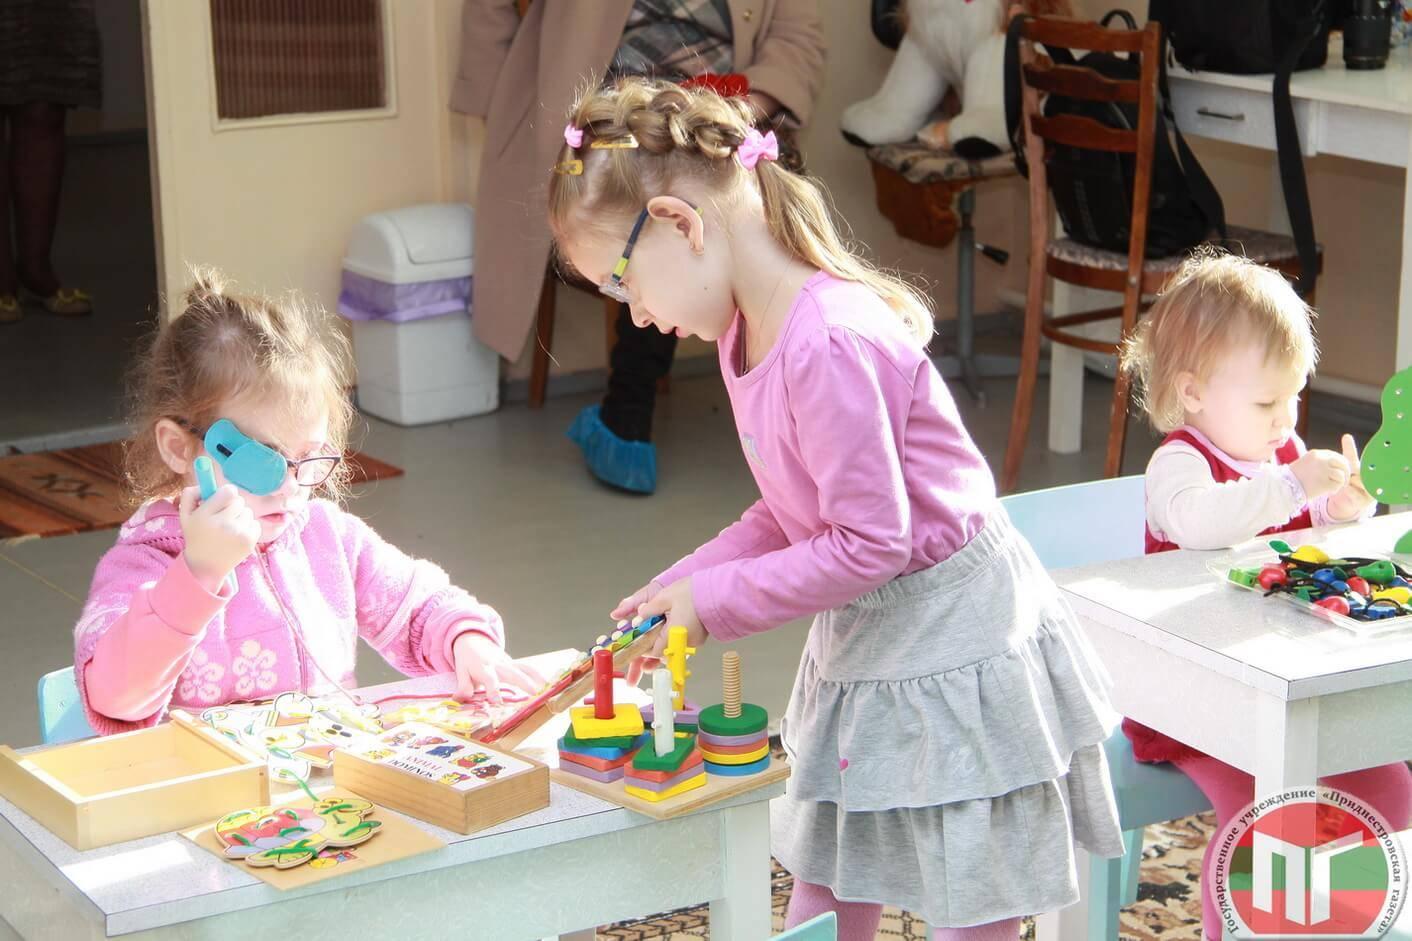 Коррекционные школы i, ii, iii, iv, v, vi, vii и viii видов. каких детей в них обучают? - жизнь в москве - молнет.ru